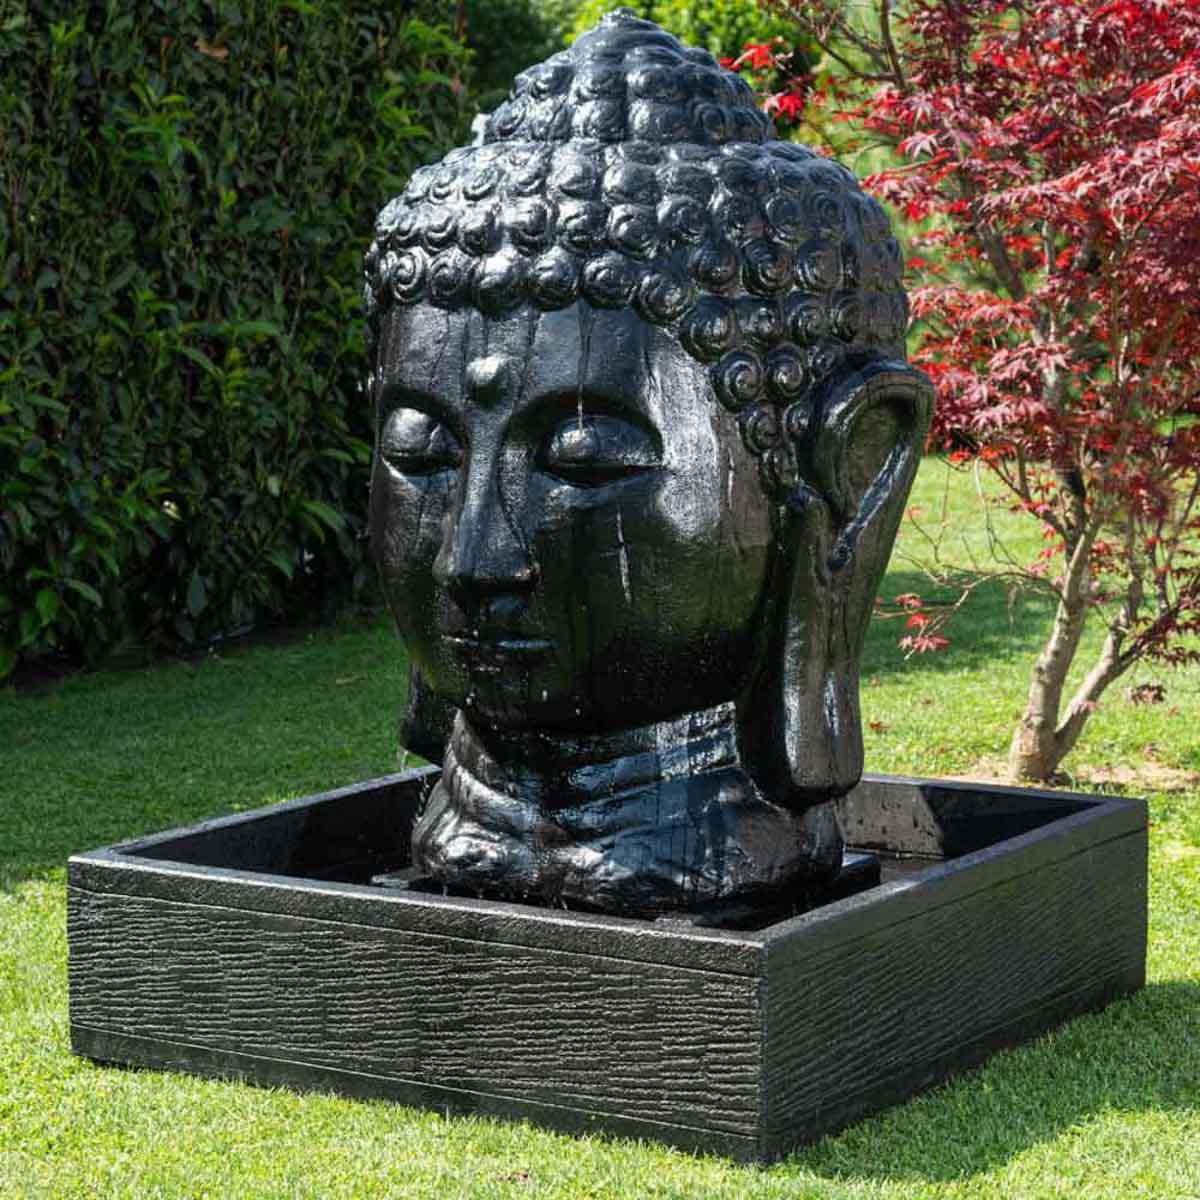 Fontaine de jardin fontaine avec bassin tªte de Bouddha noire